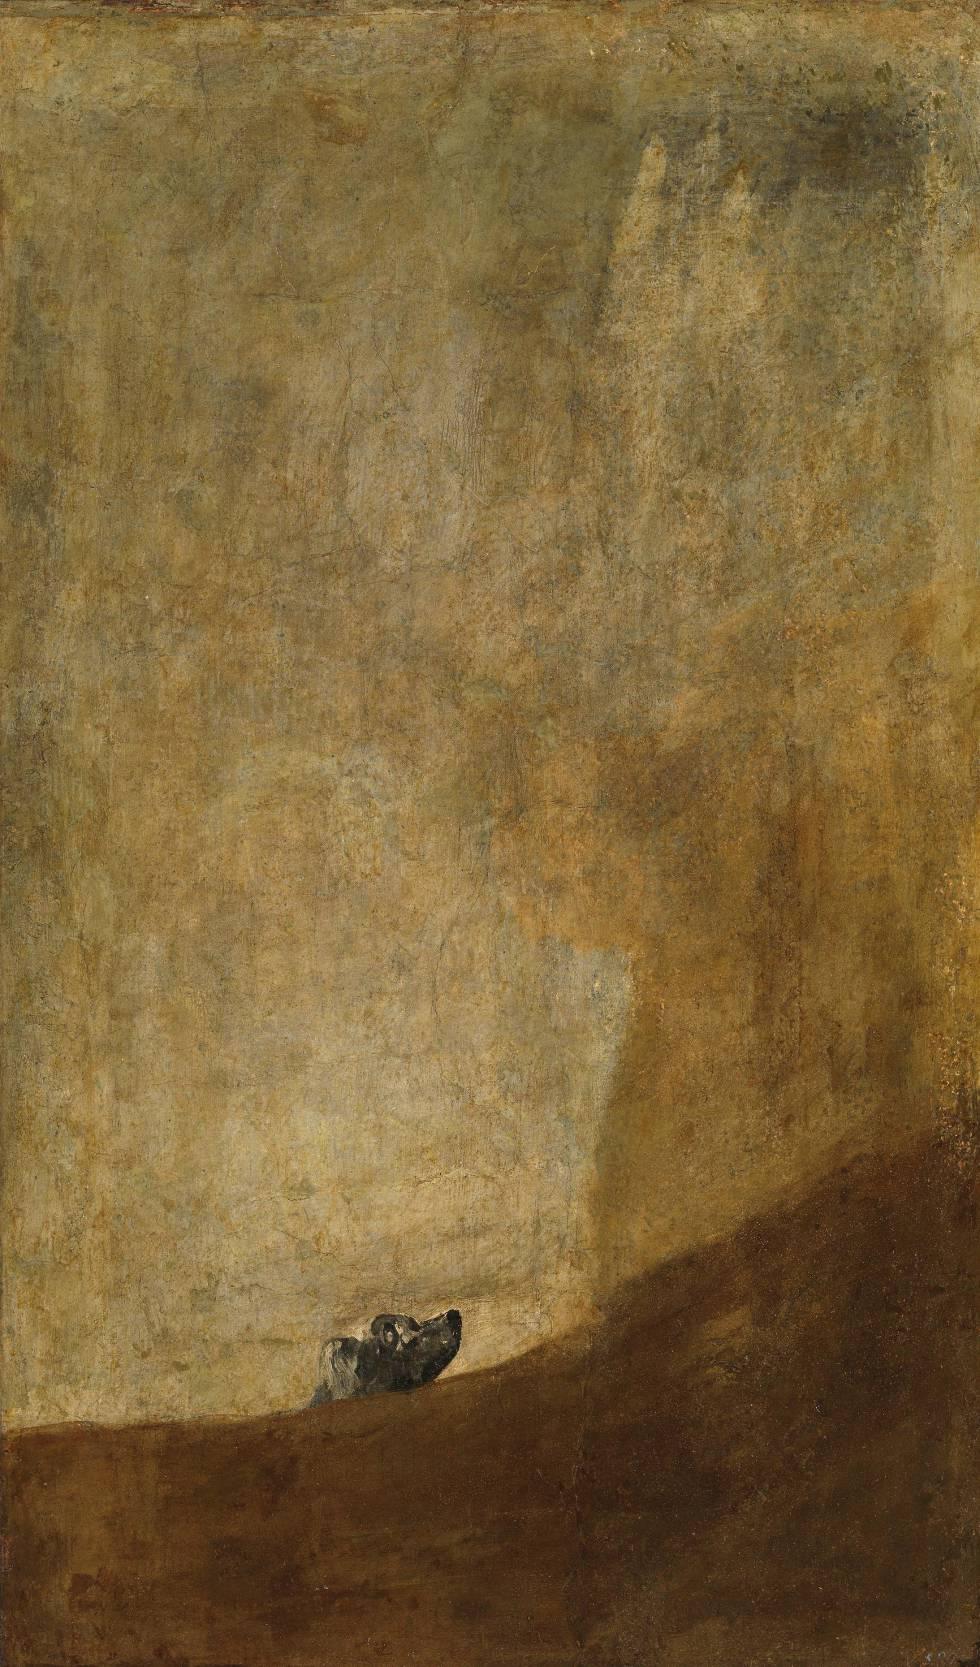 'Chien semi-coulé' (1820-23), de Goya, conservé au Musée du Prado.